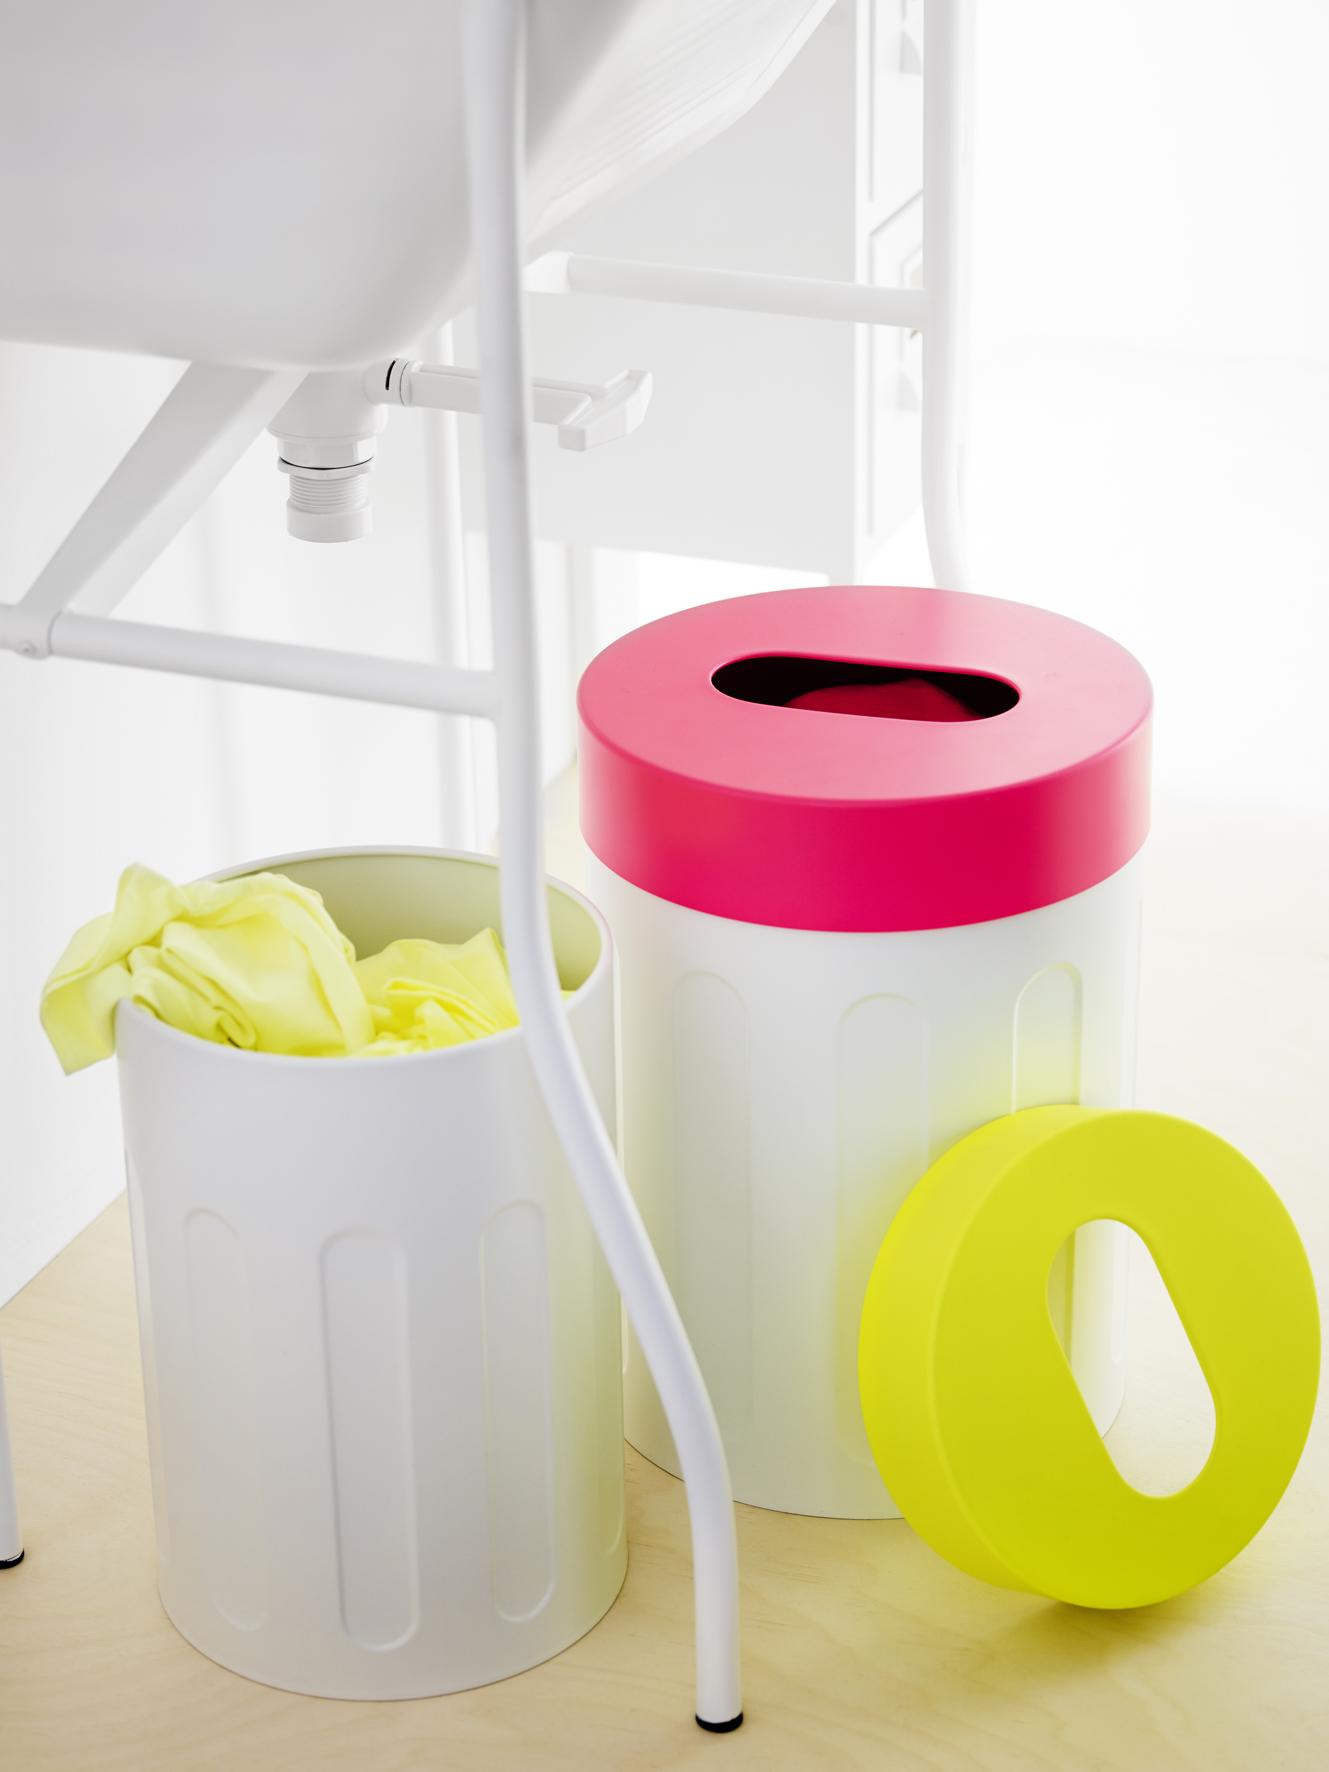 Ike opbergers voor de badkamer: SPRUTT opbergkrukken